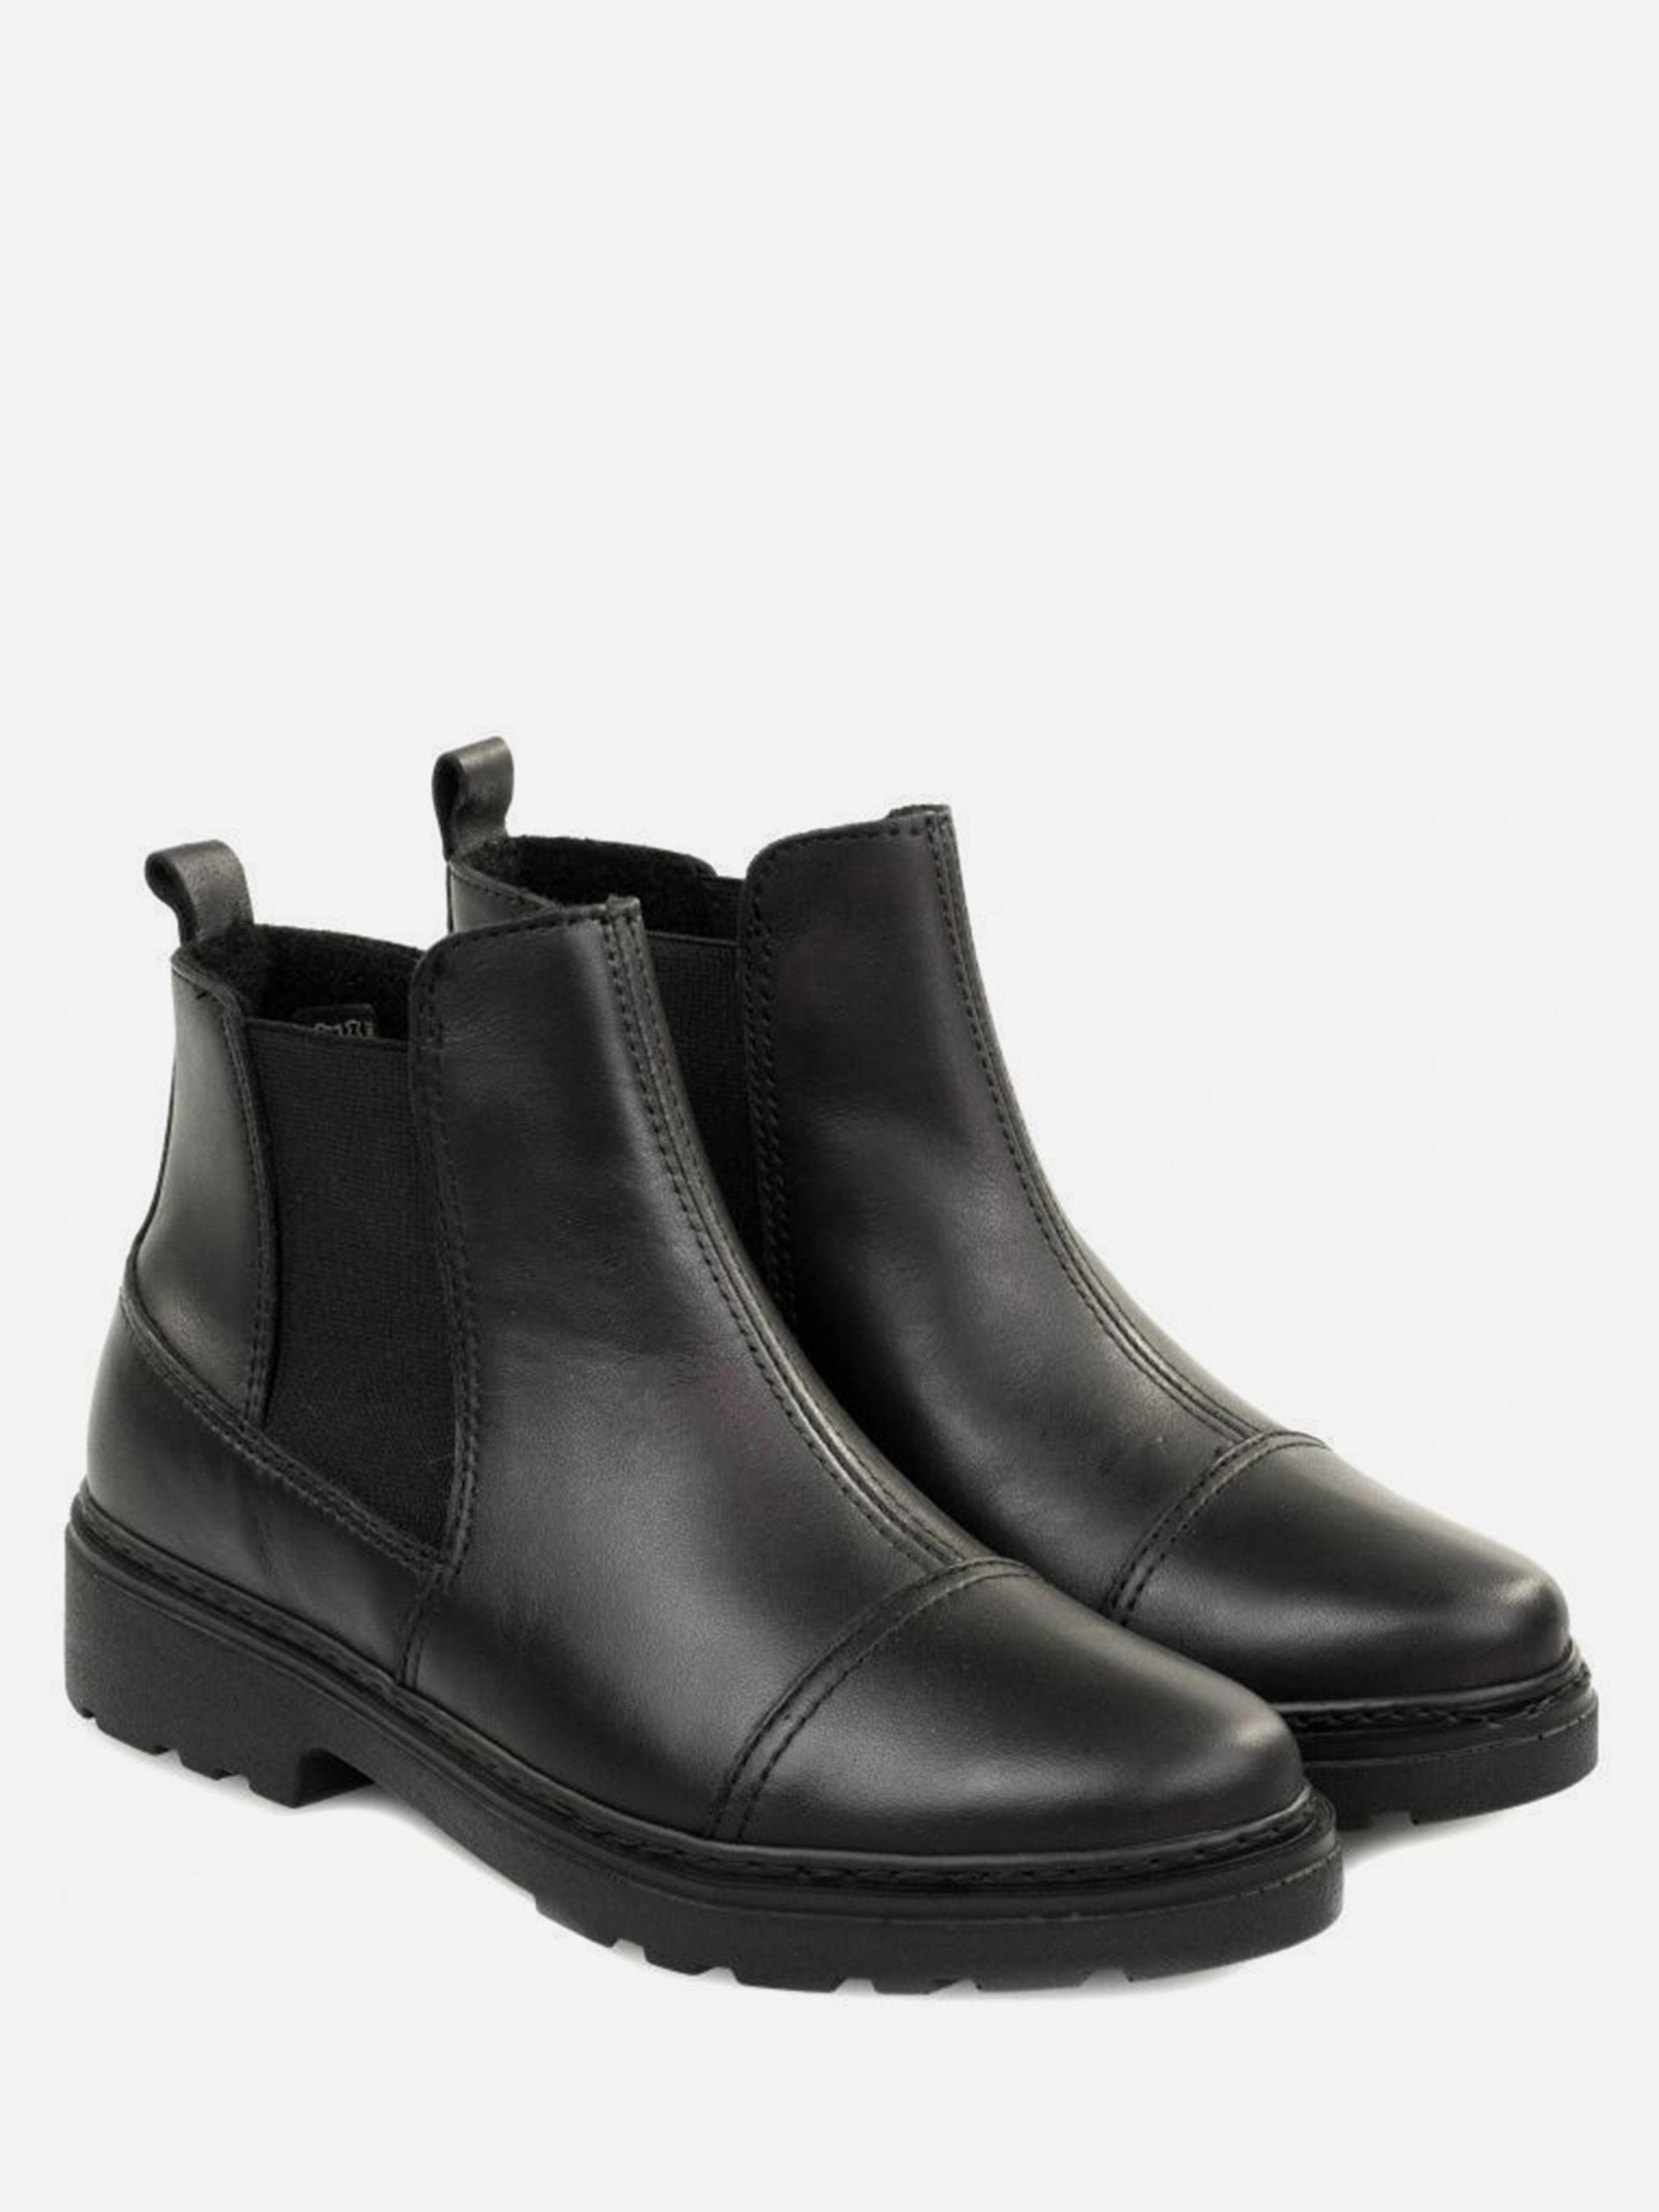 Сапоги для женщин Braska Inblu 2S5 модная обувь, 2017